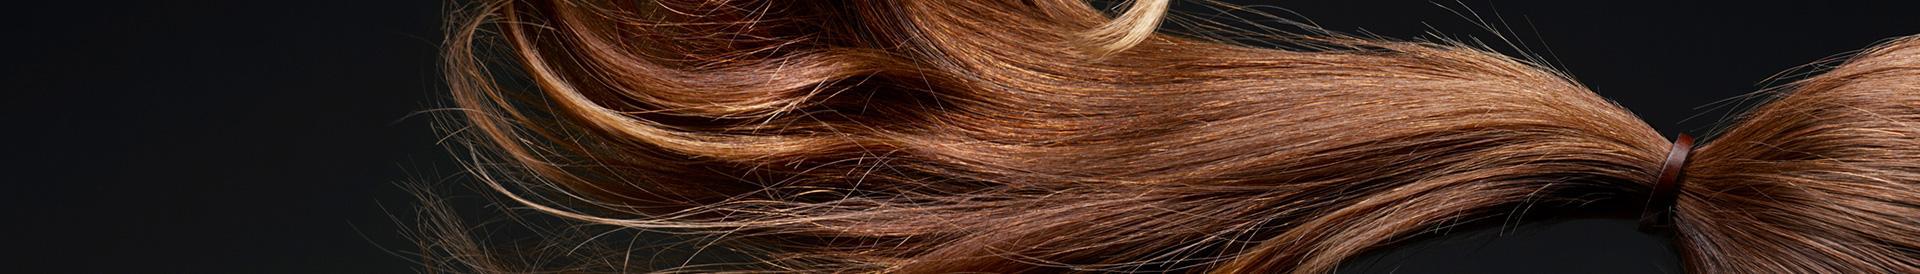 Brązowe włosy na ciemnym tle